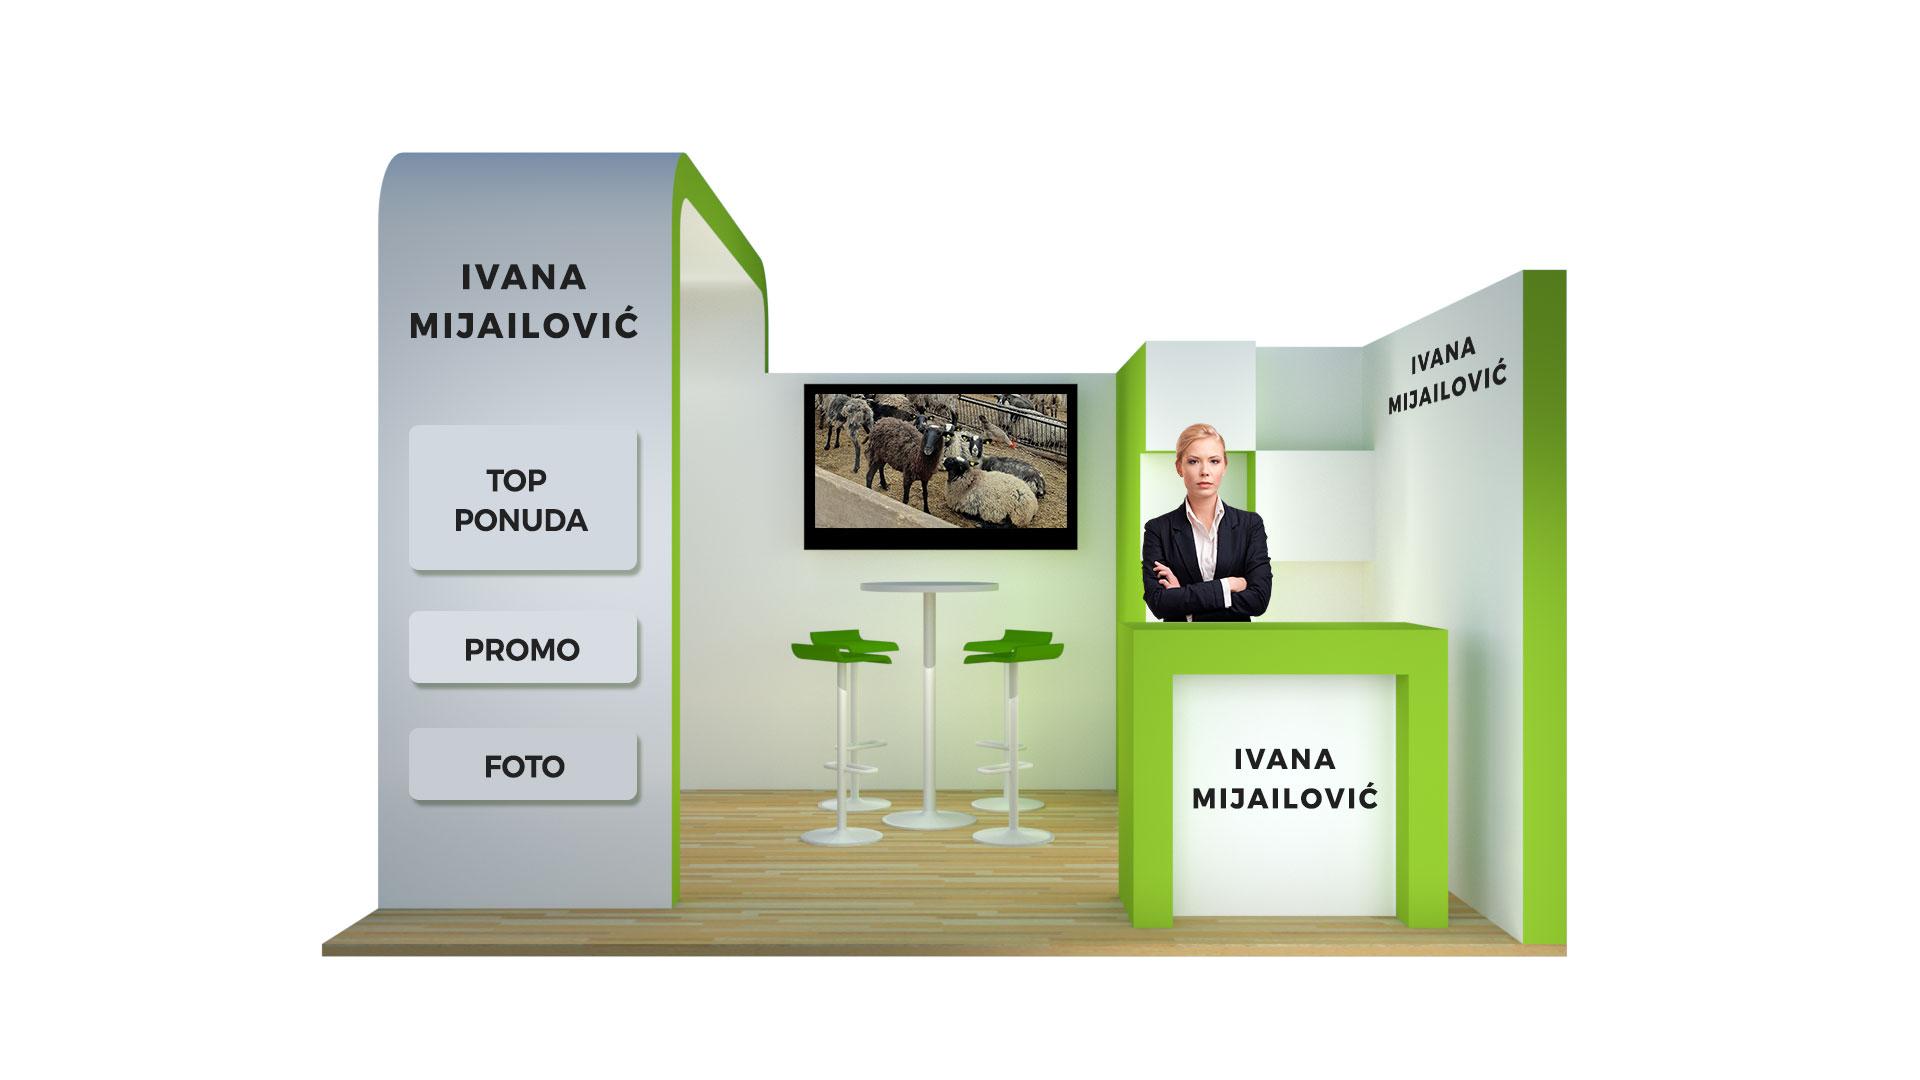 Ivana-Mijailovic